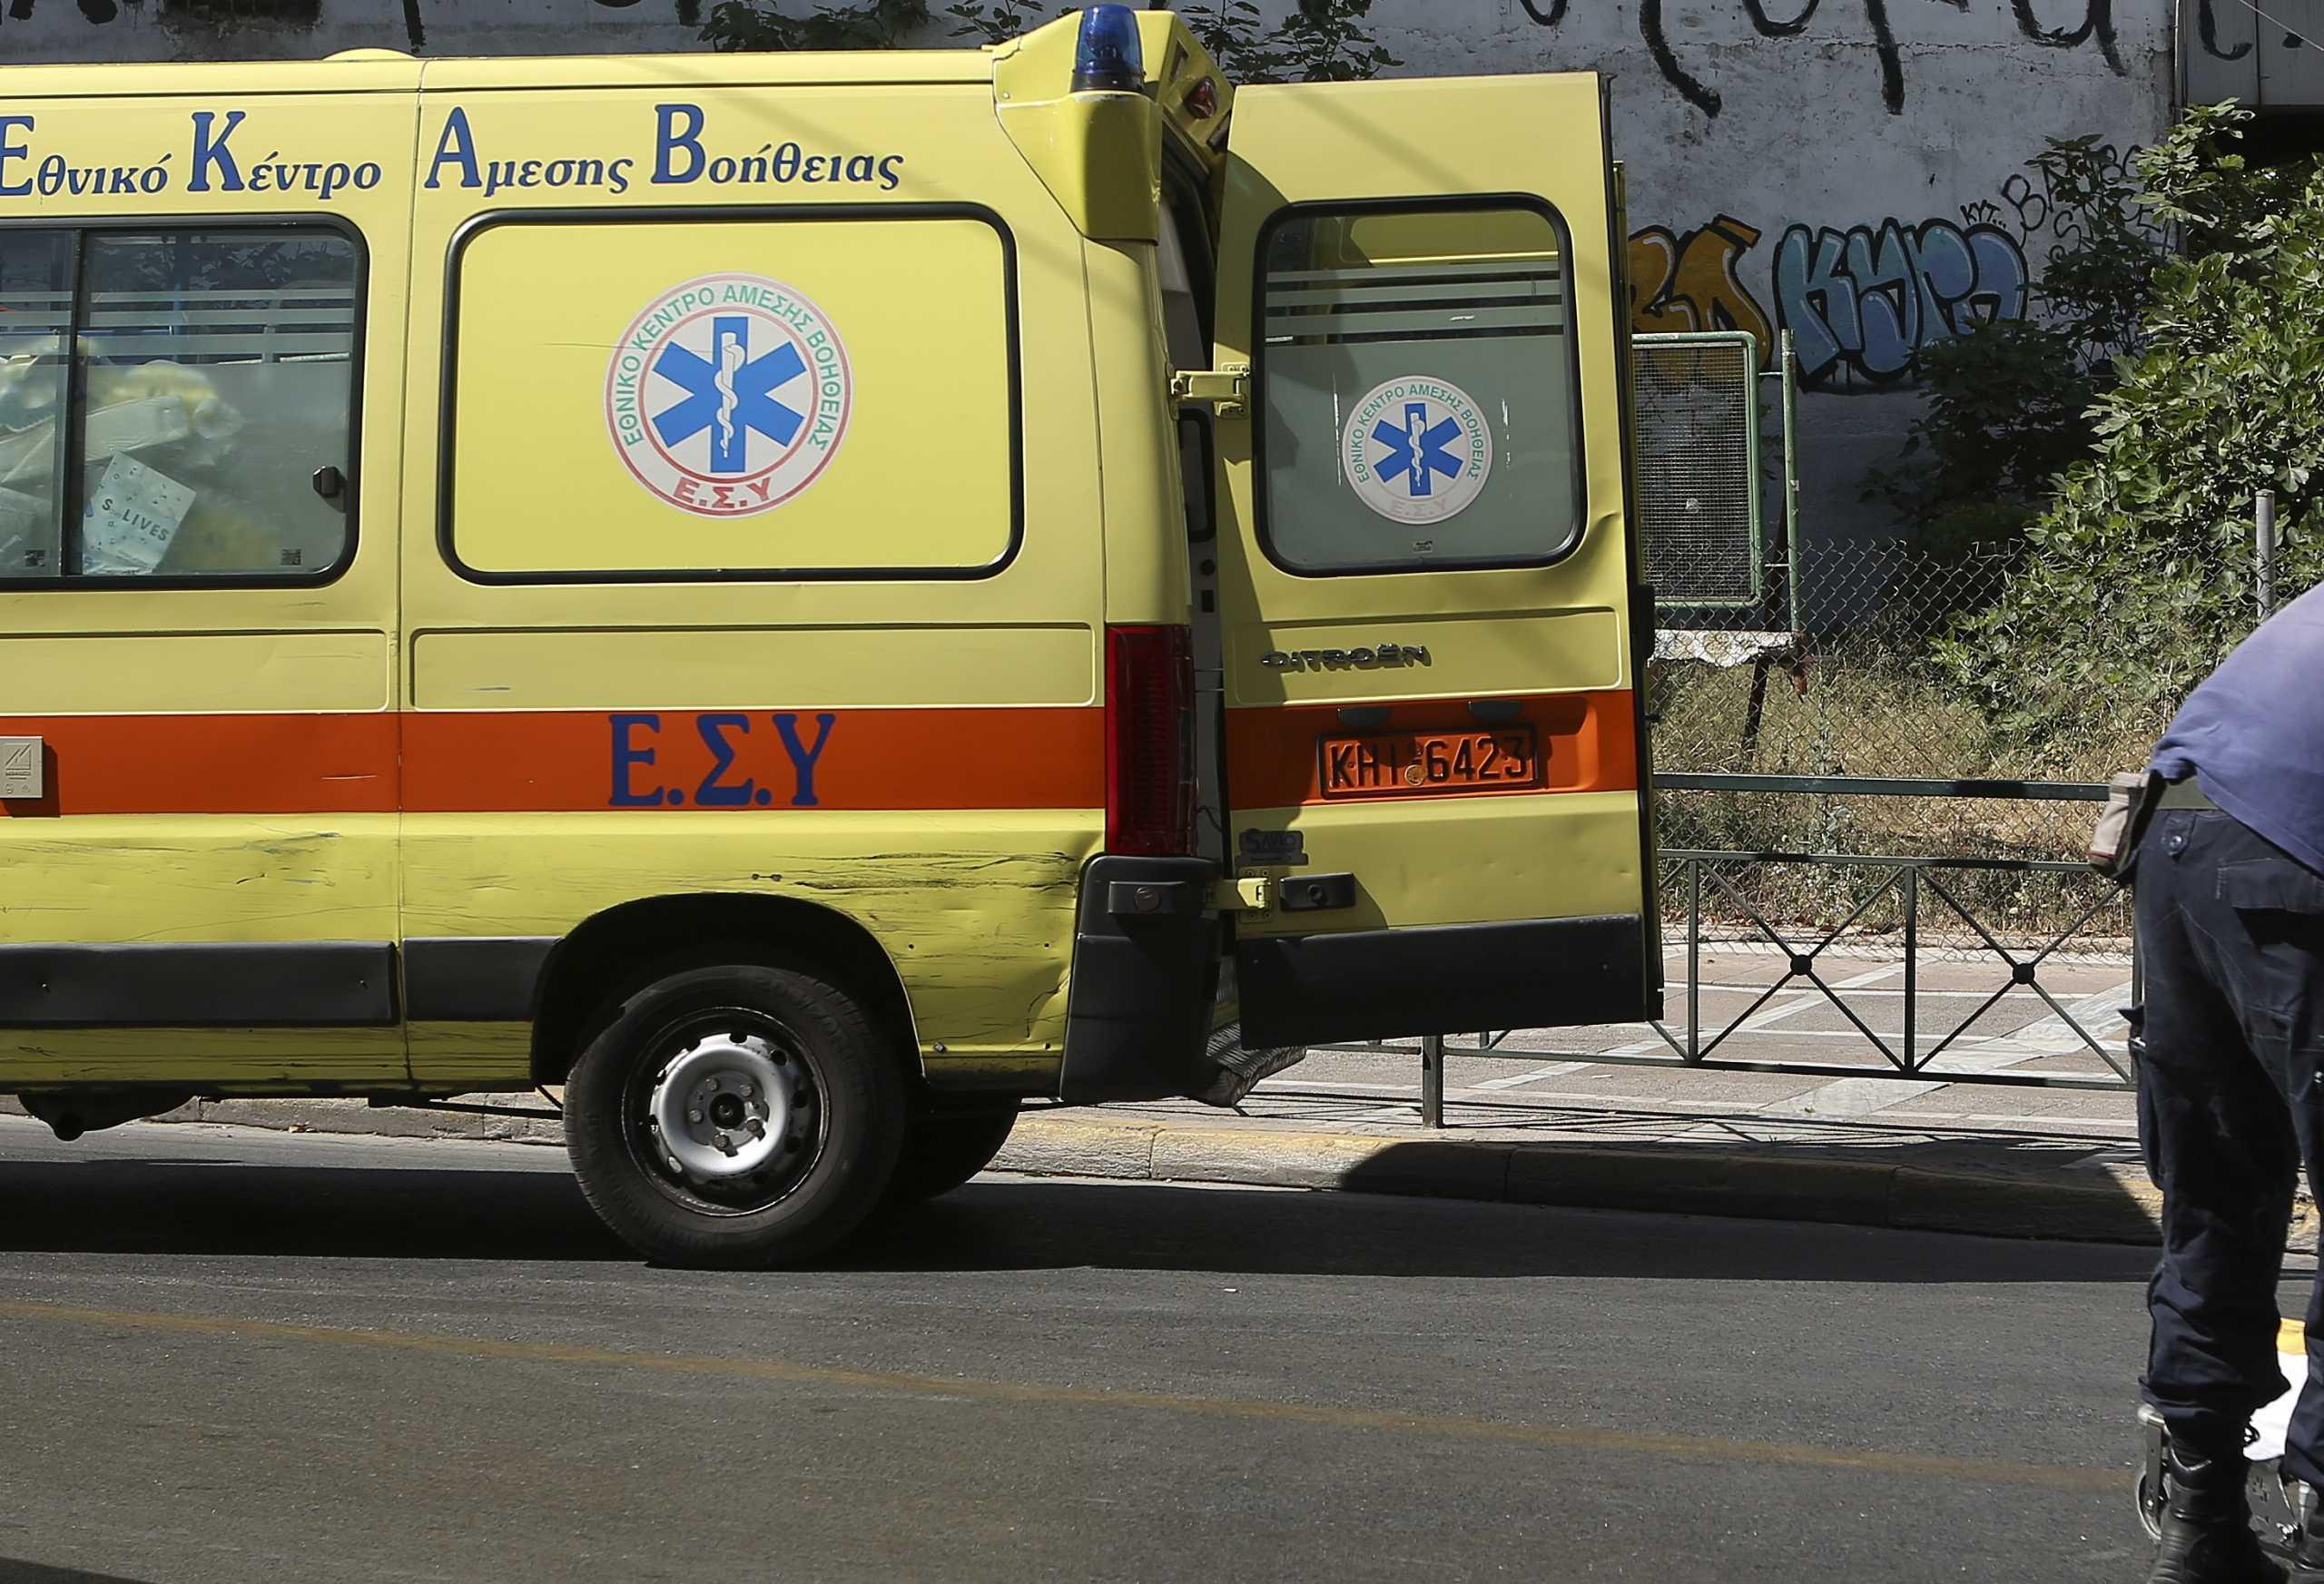 Τροχαίο στην Αθηνών – Κορίνθου: Η απόφαση να διασχίσει πεζός την Εθνική αποδείχθηκε μοιραία